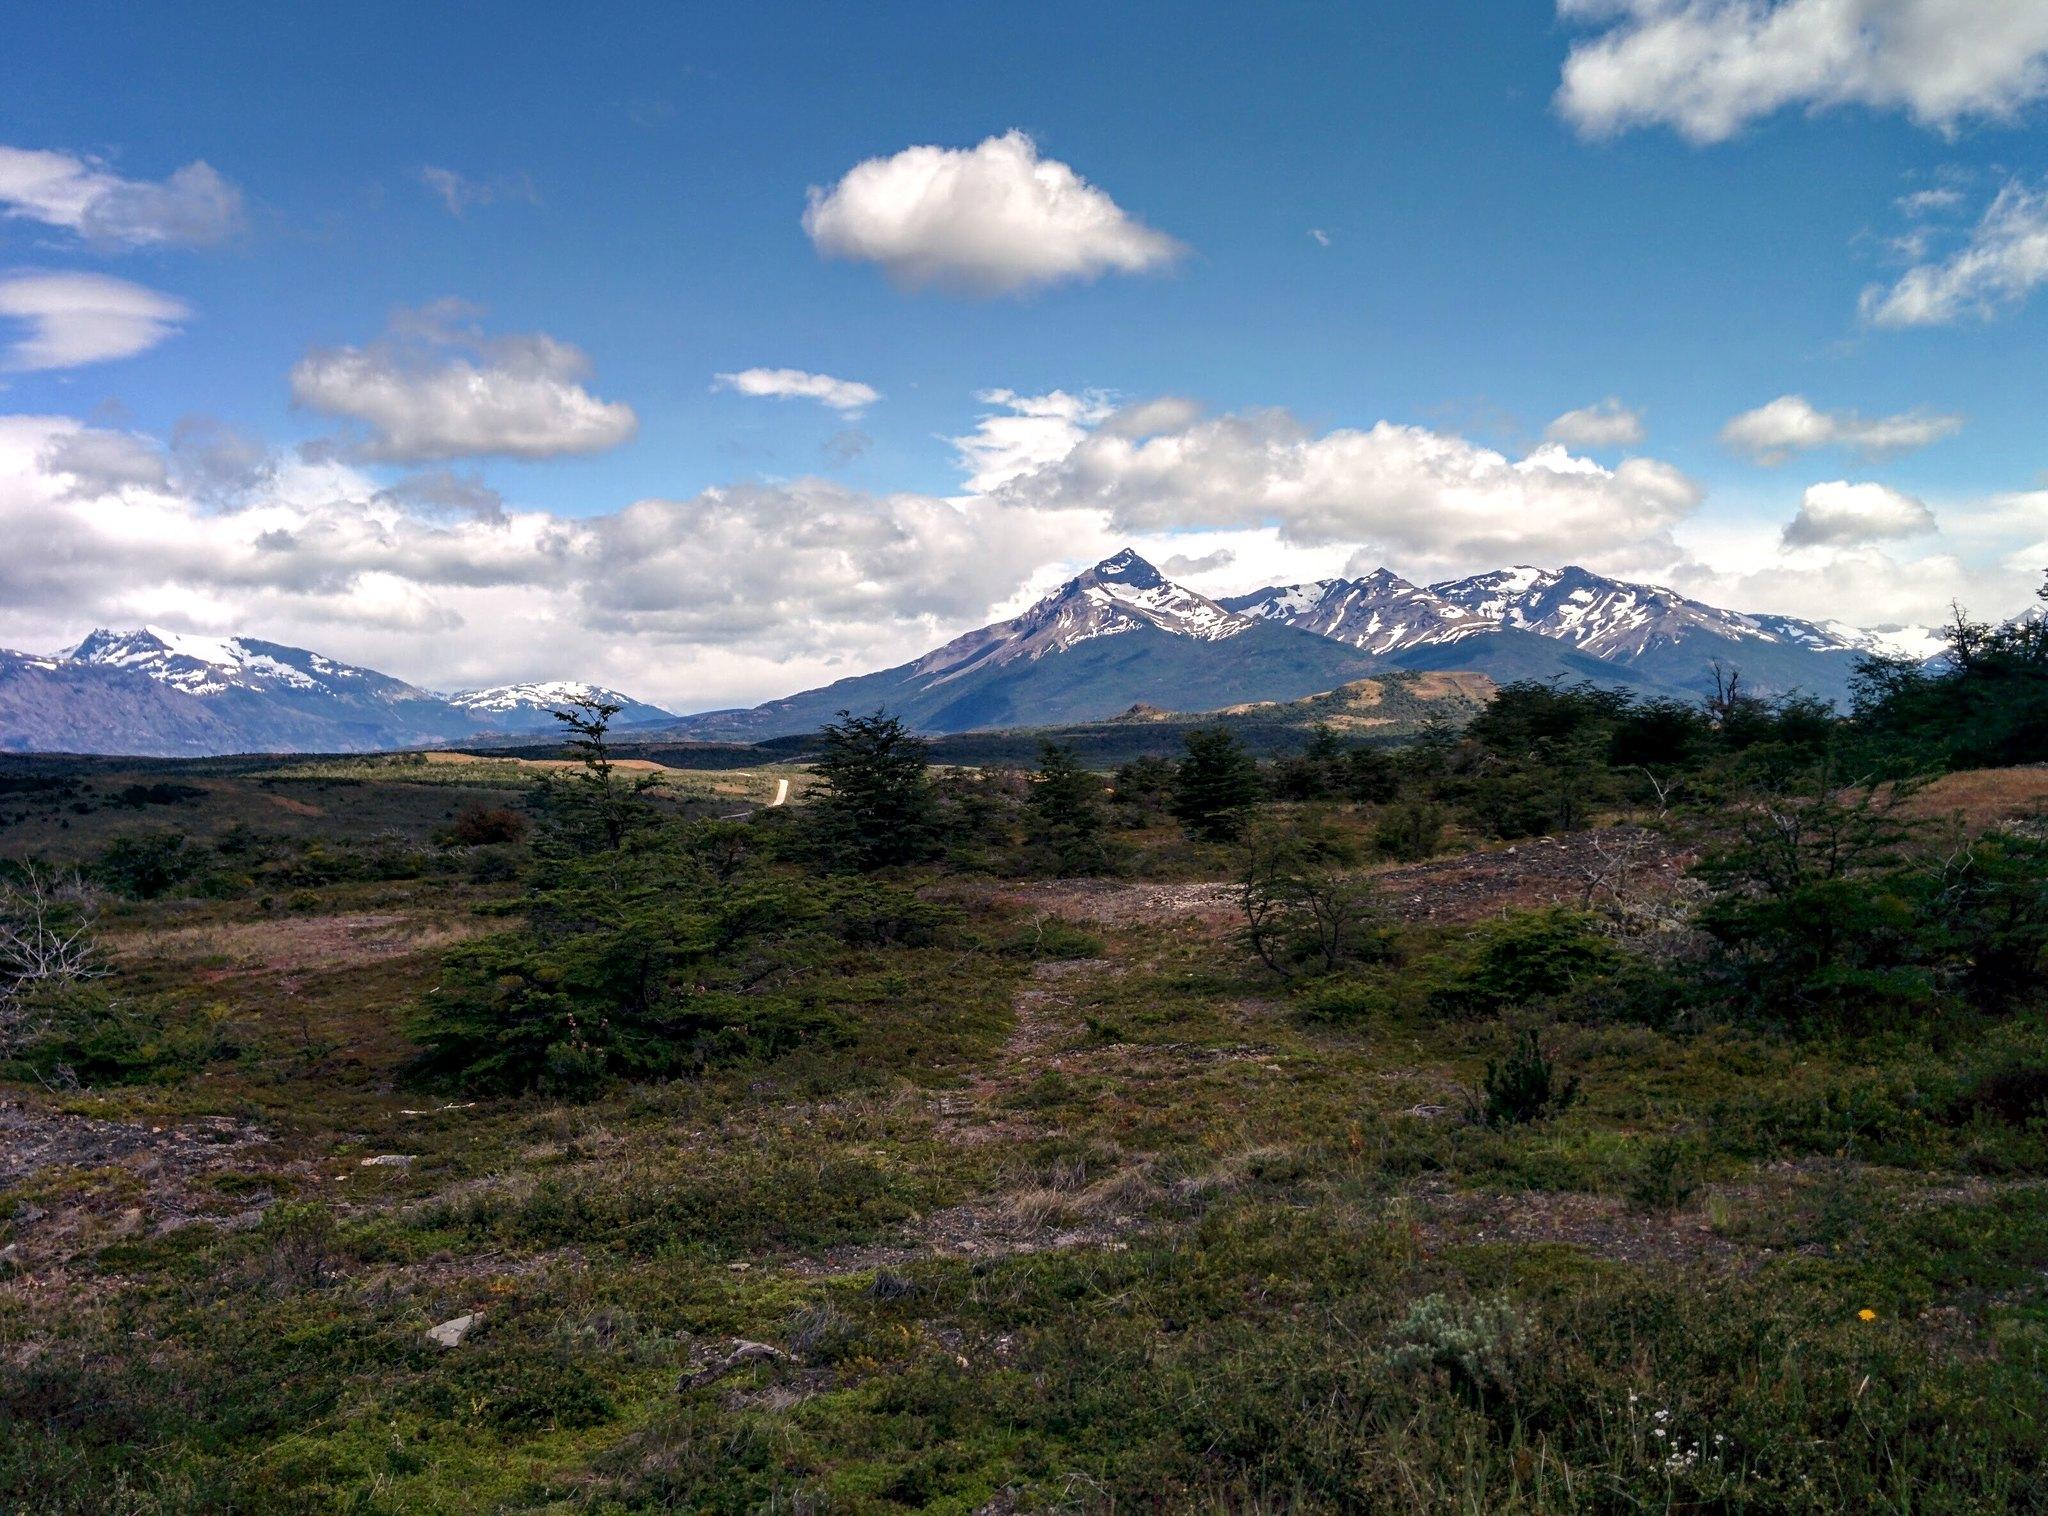 Mountain range from Cueva del Milodon